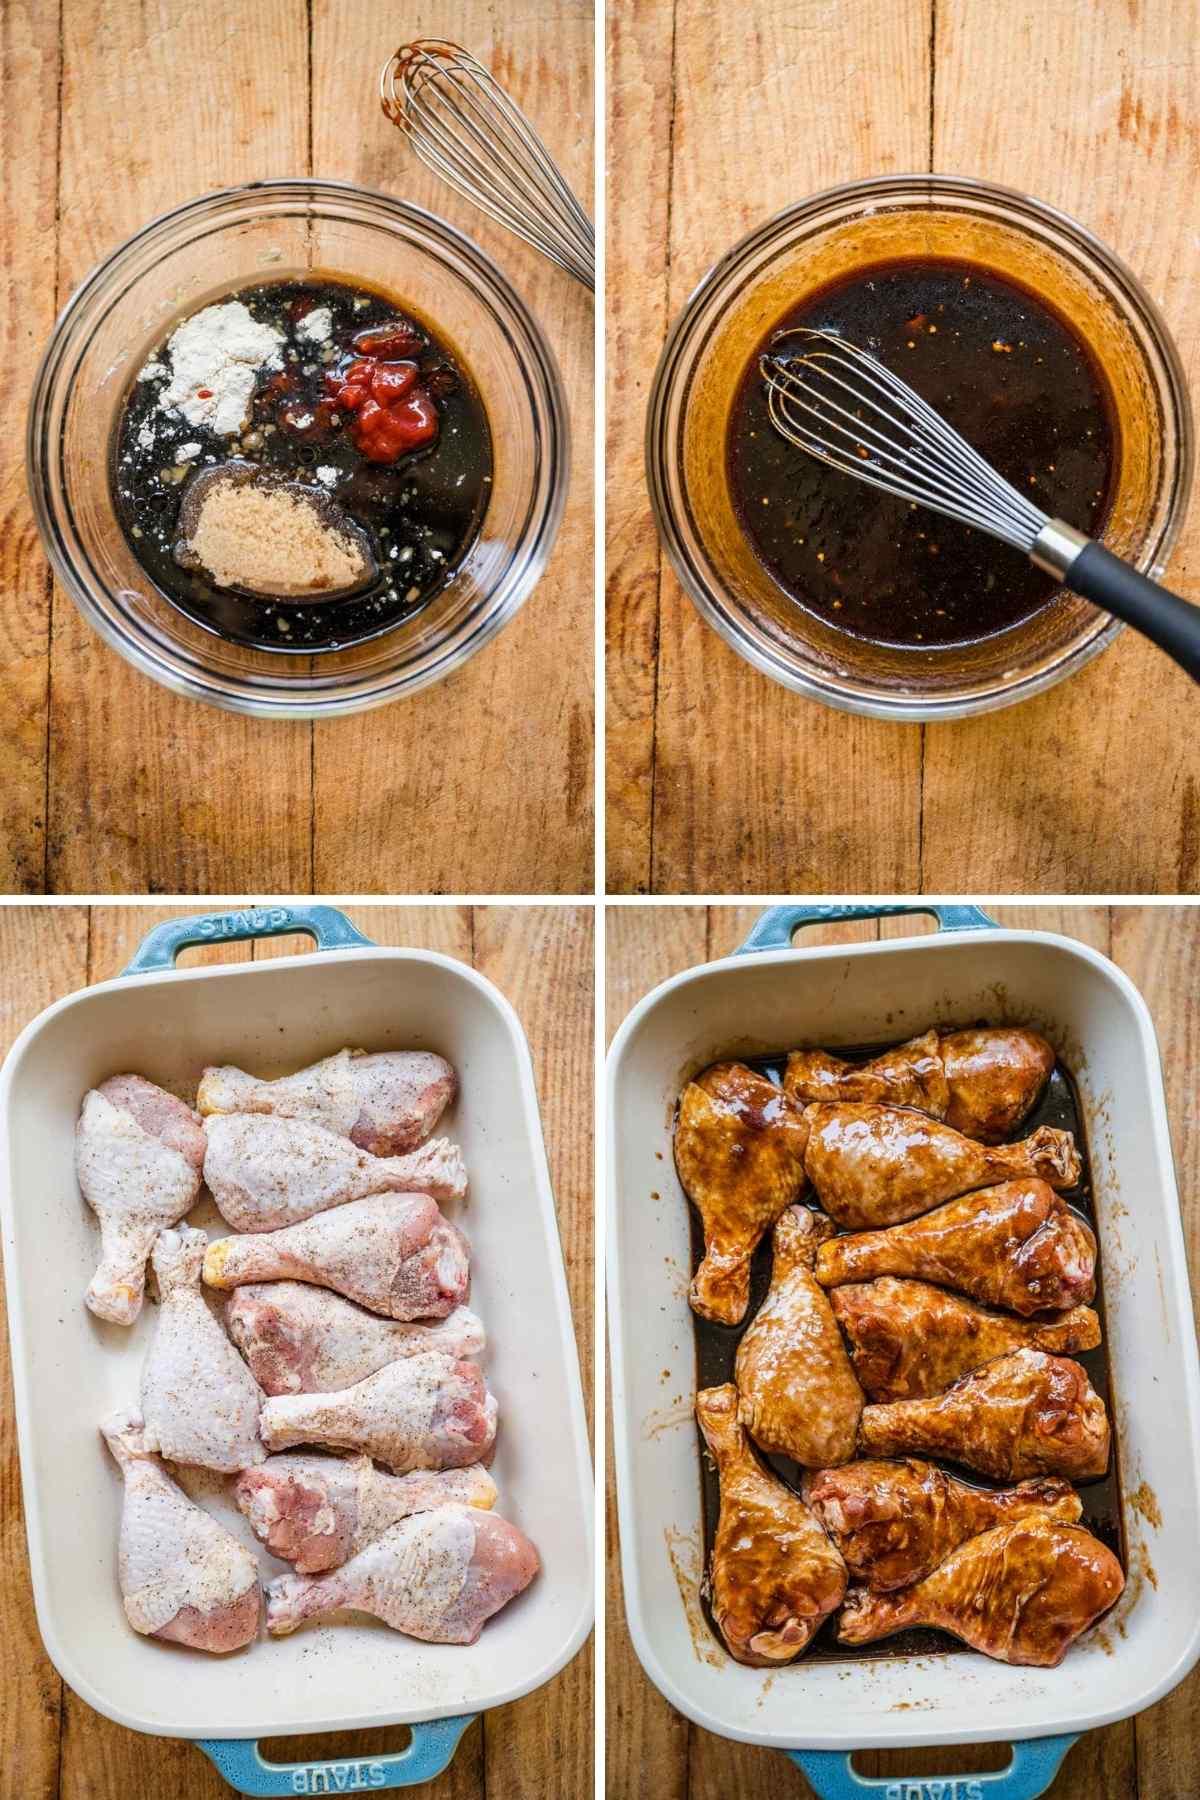 Brown Sugar Garlic Baked Chicken Legs Collage of prep steps